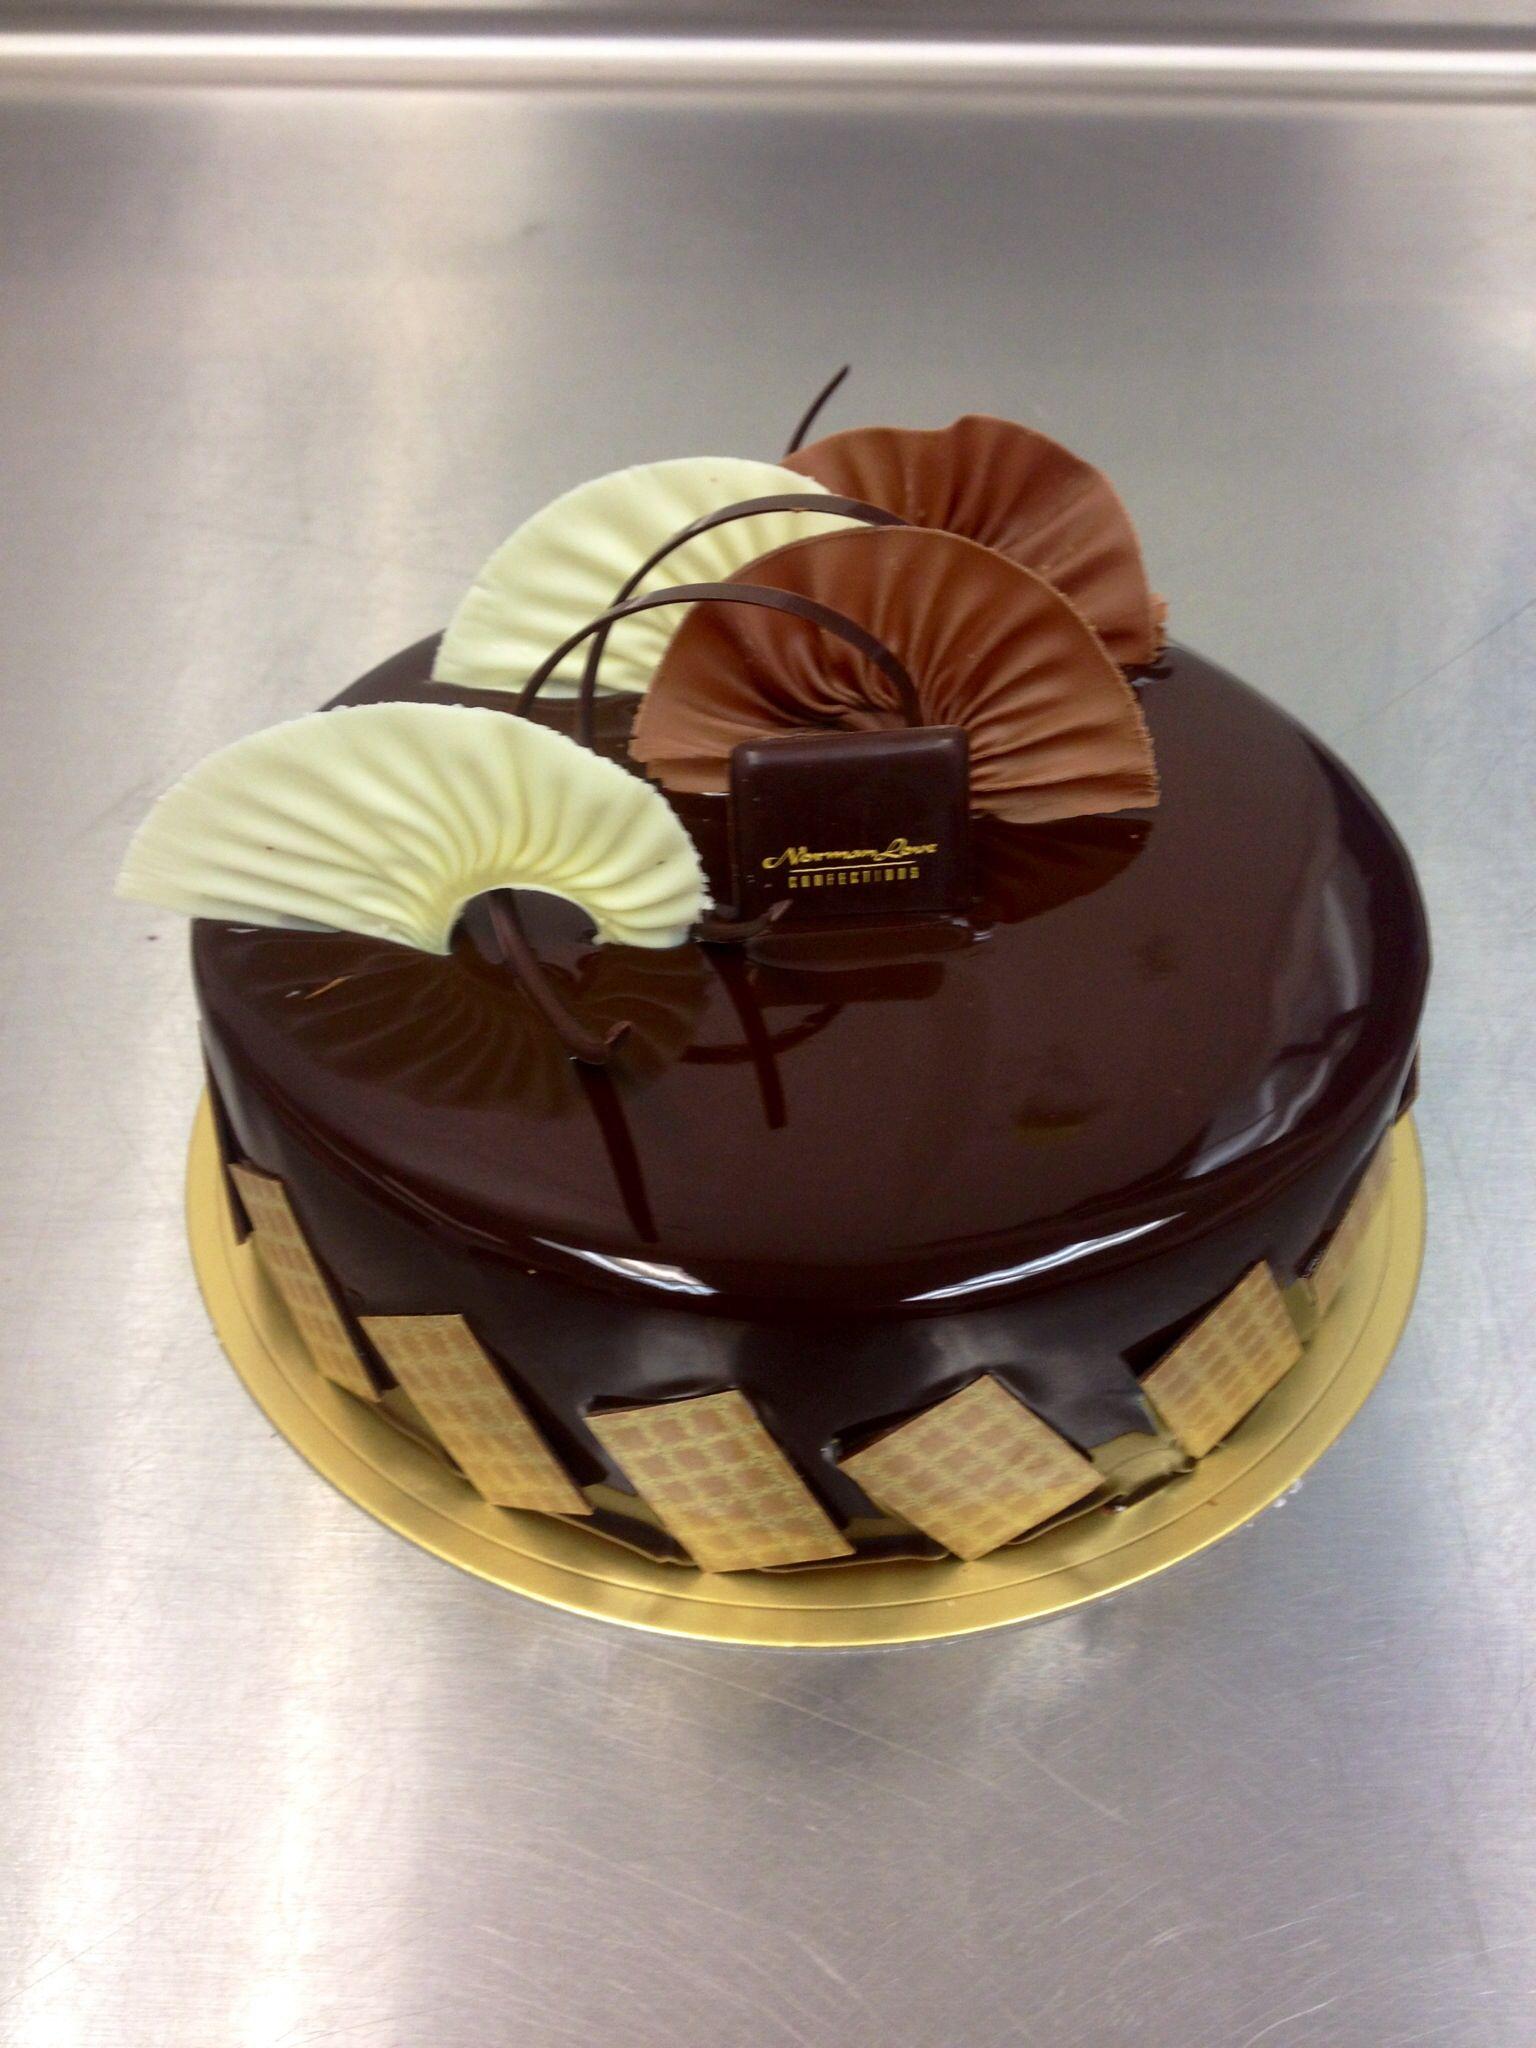 Chocolate Glaze Cake Decoration : Dark chocolate glaze entremet with chocolate fans #nlc # ...